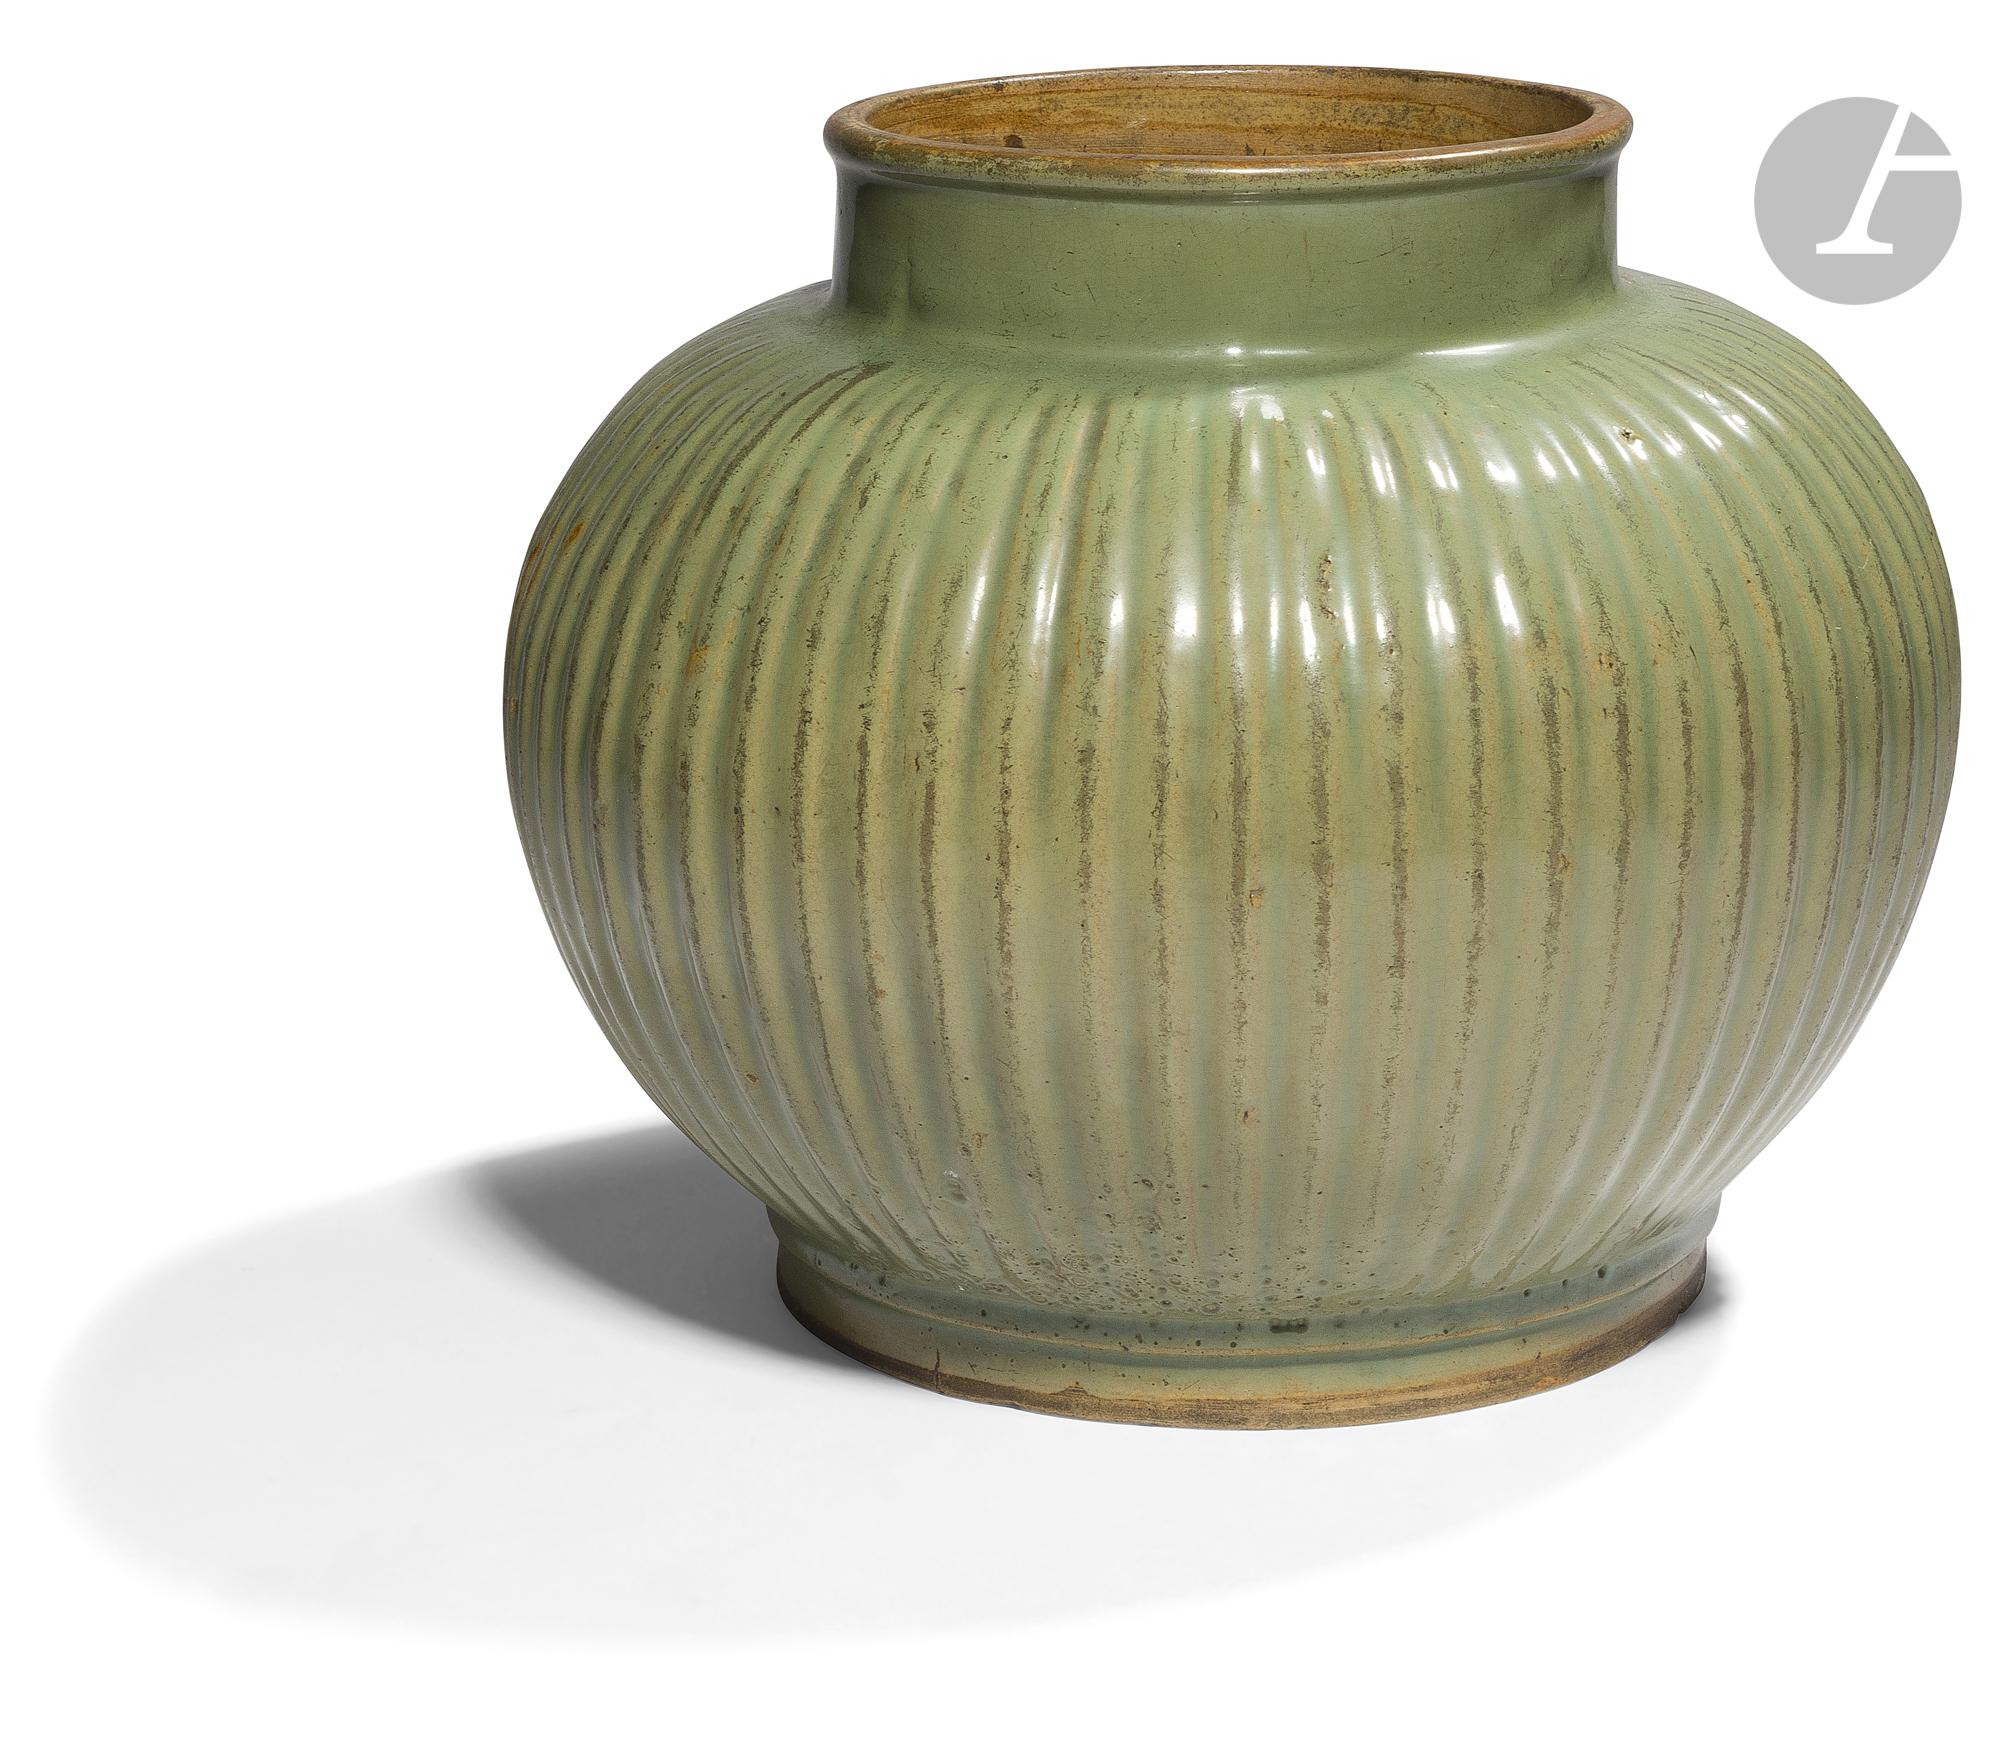 CHINE - XVIIIe siècle Pot en grès émaillé vert céladon pansu et côtelé. (Eclats en bordure de pied).